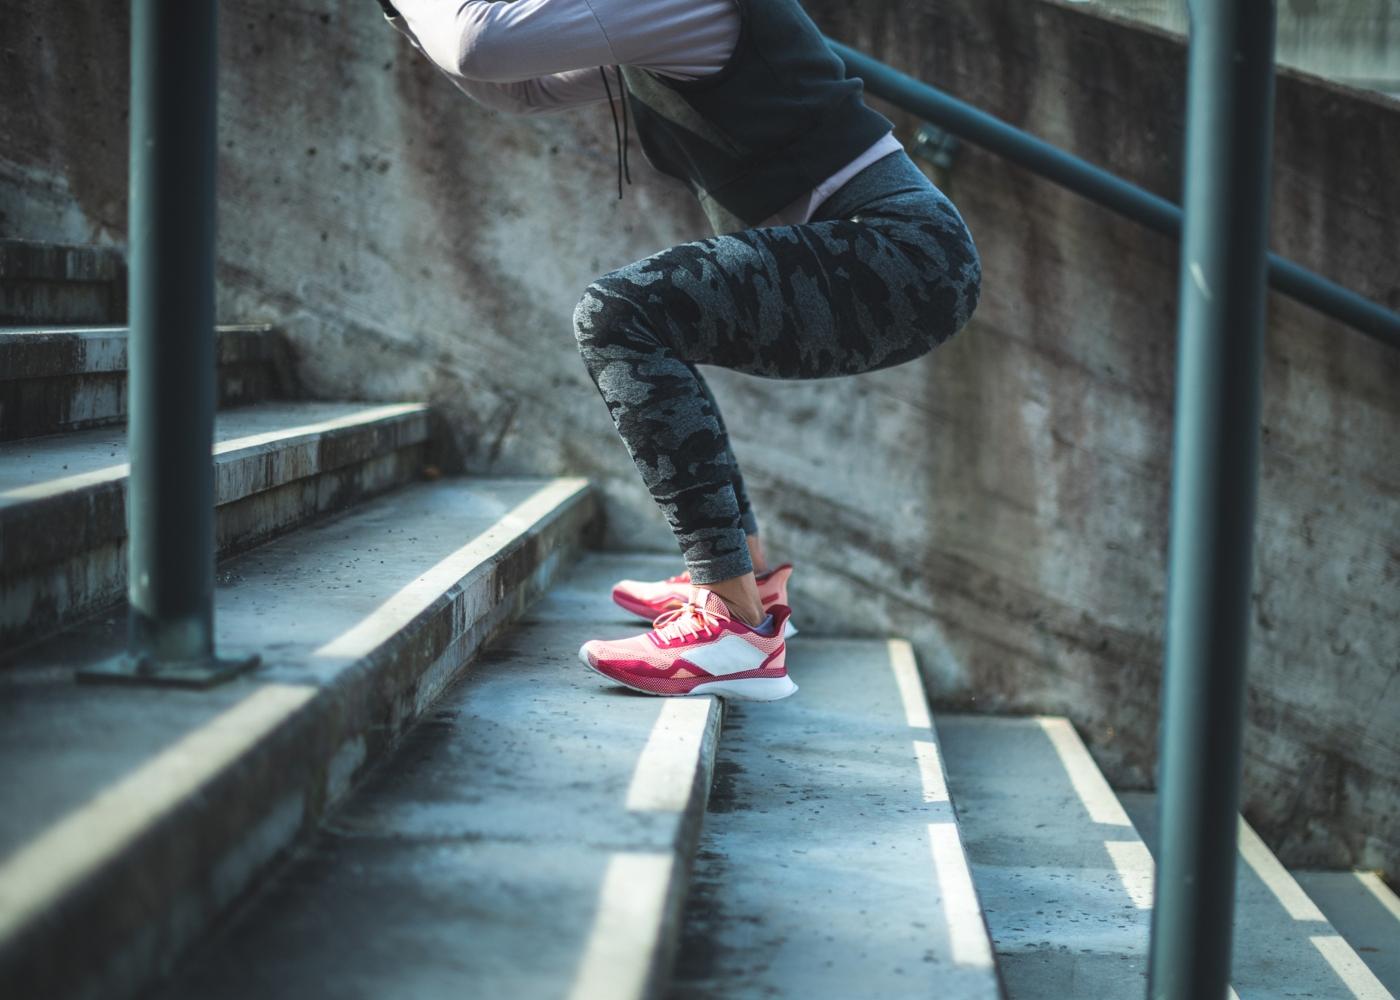 Mulher a treinar salto em escadas